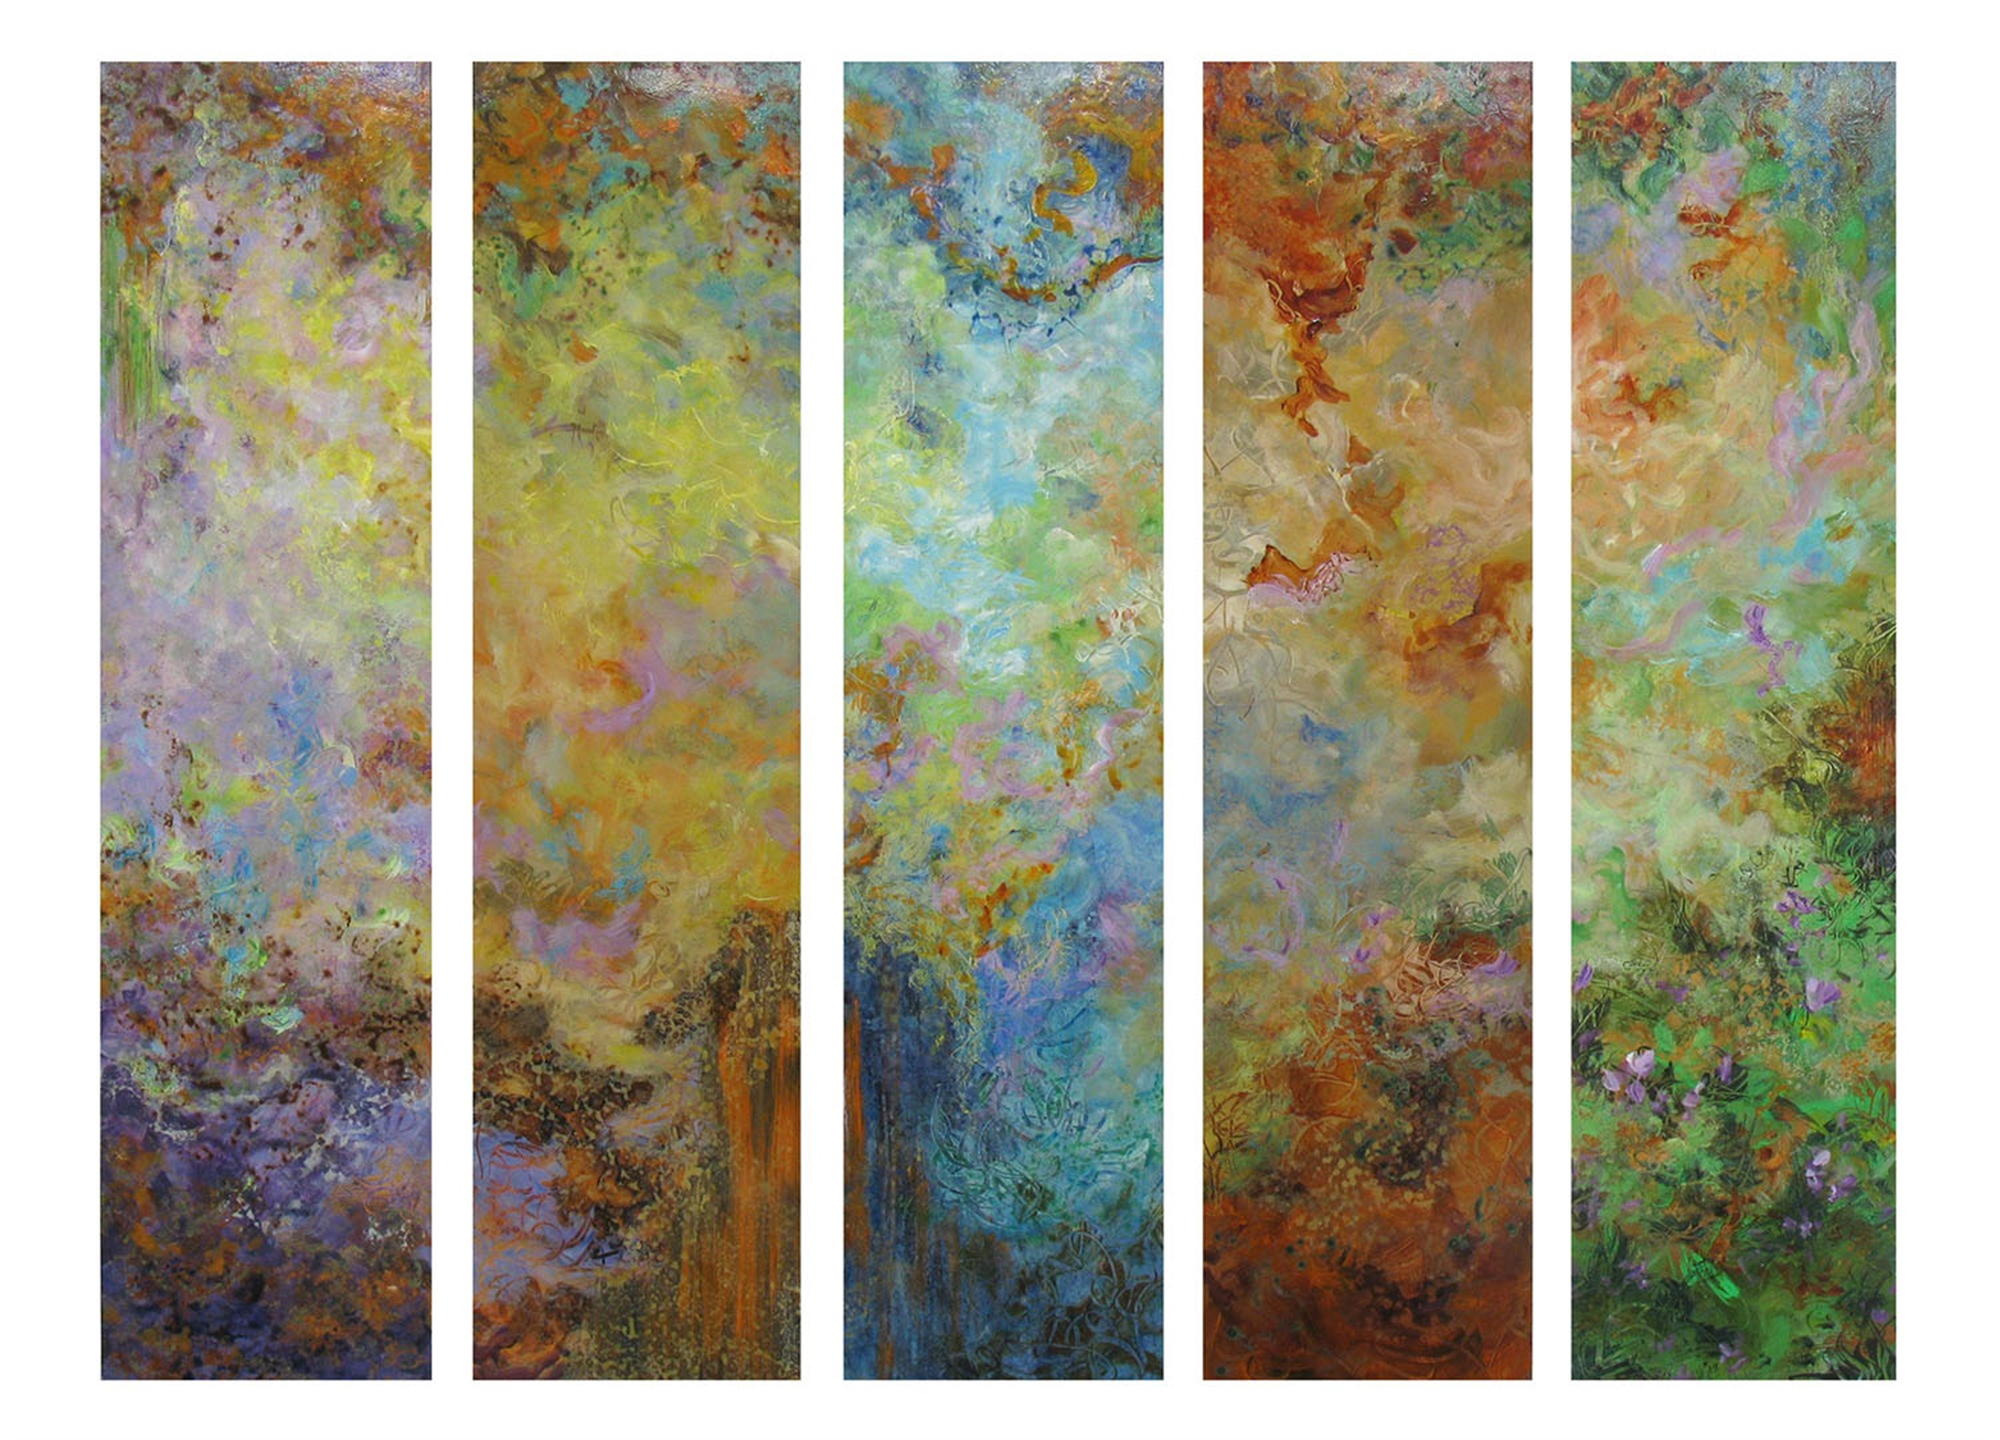 Charmers by Bonnie Teitelbaum